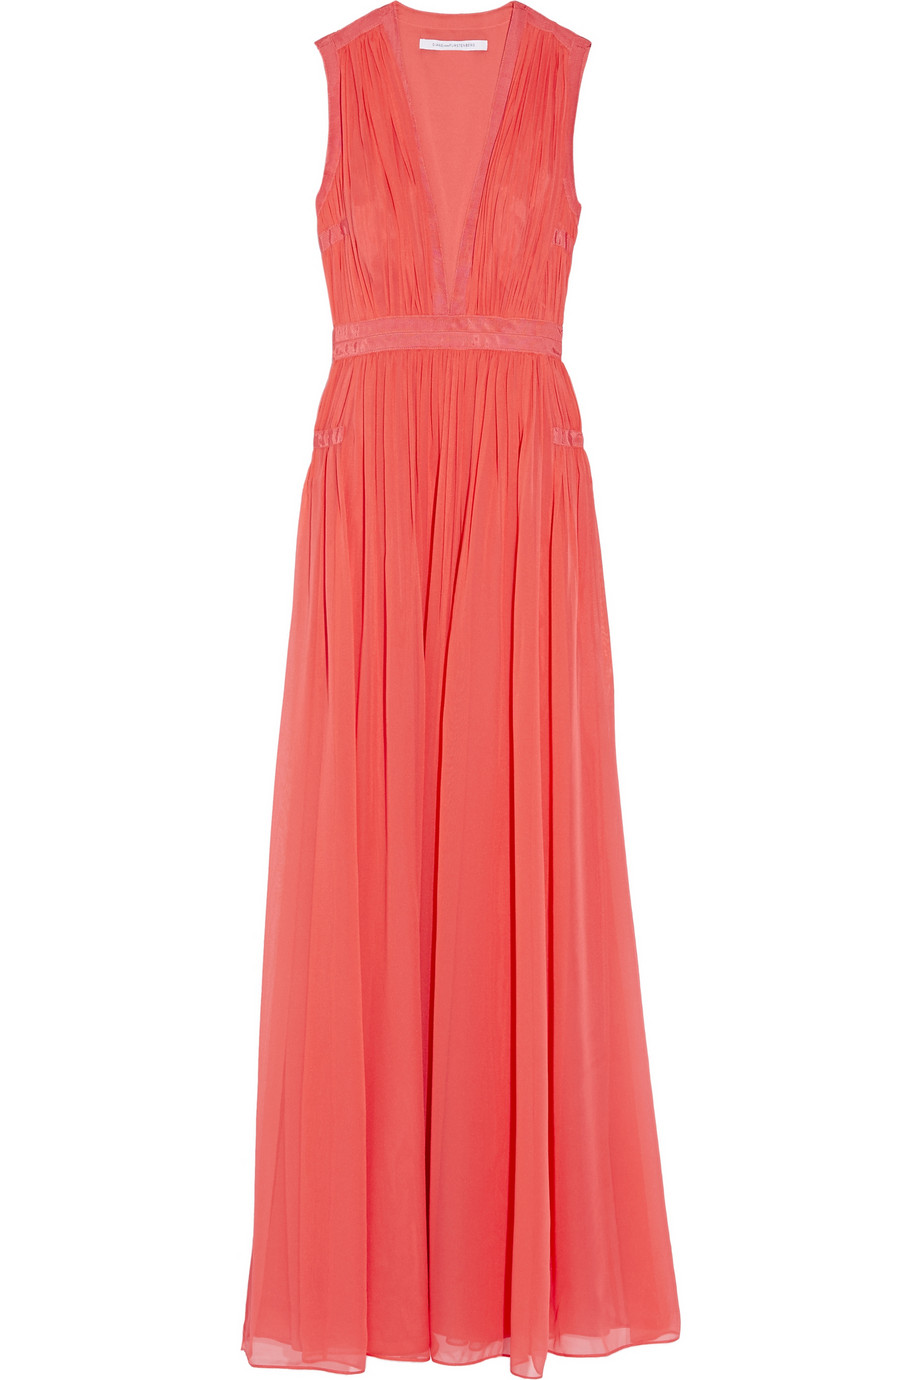 b1928ffbe8cf 30 klänningar till sommarens bröllop och fester | Baaam